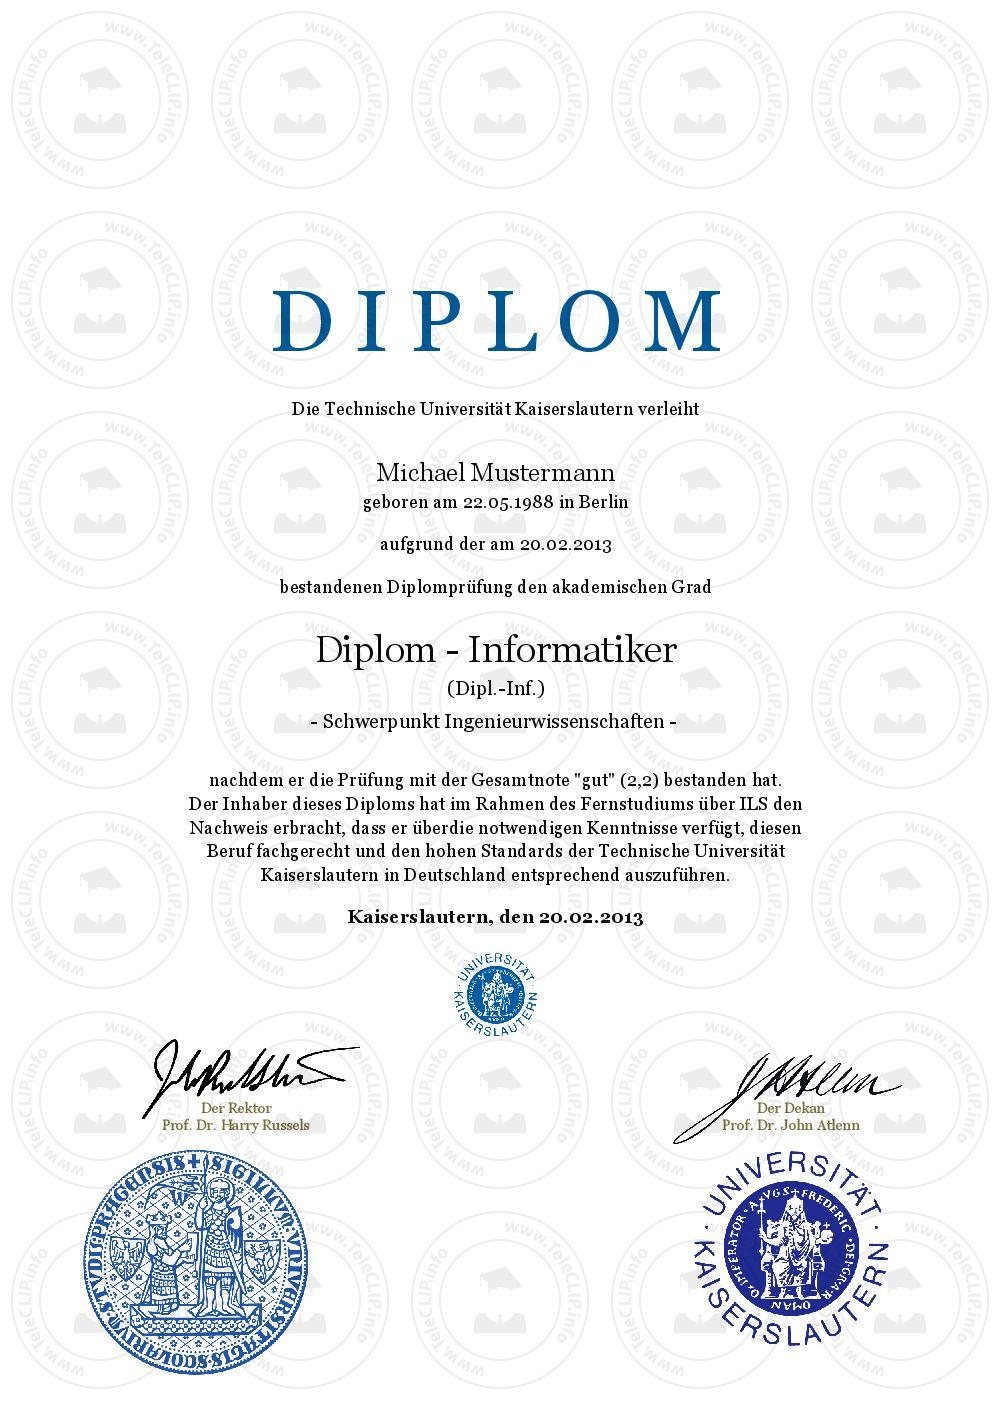 Diplom kaufen Technische Universität Kaiserslautern   Aktuelle ...